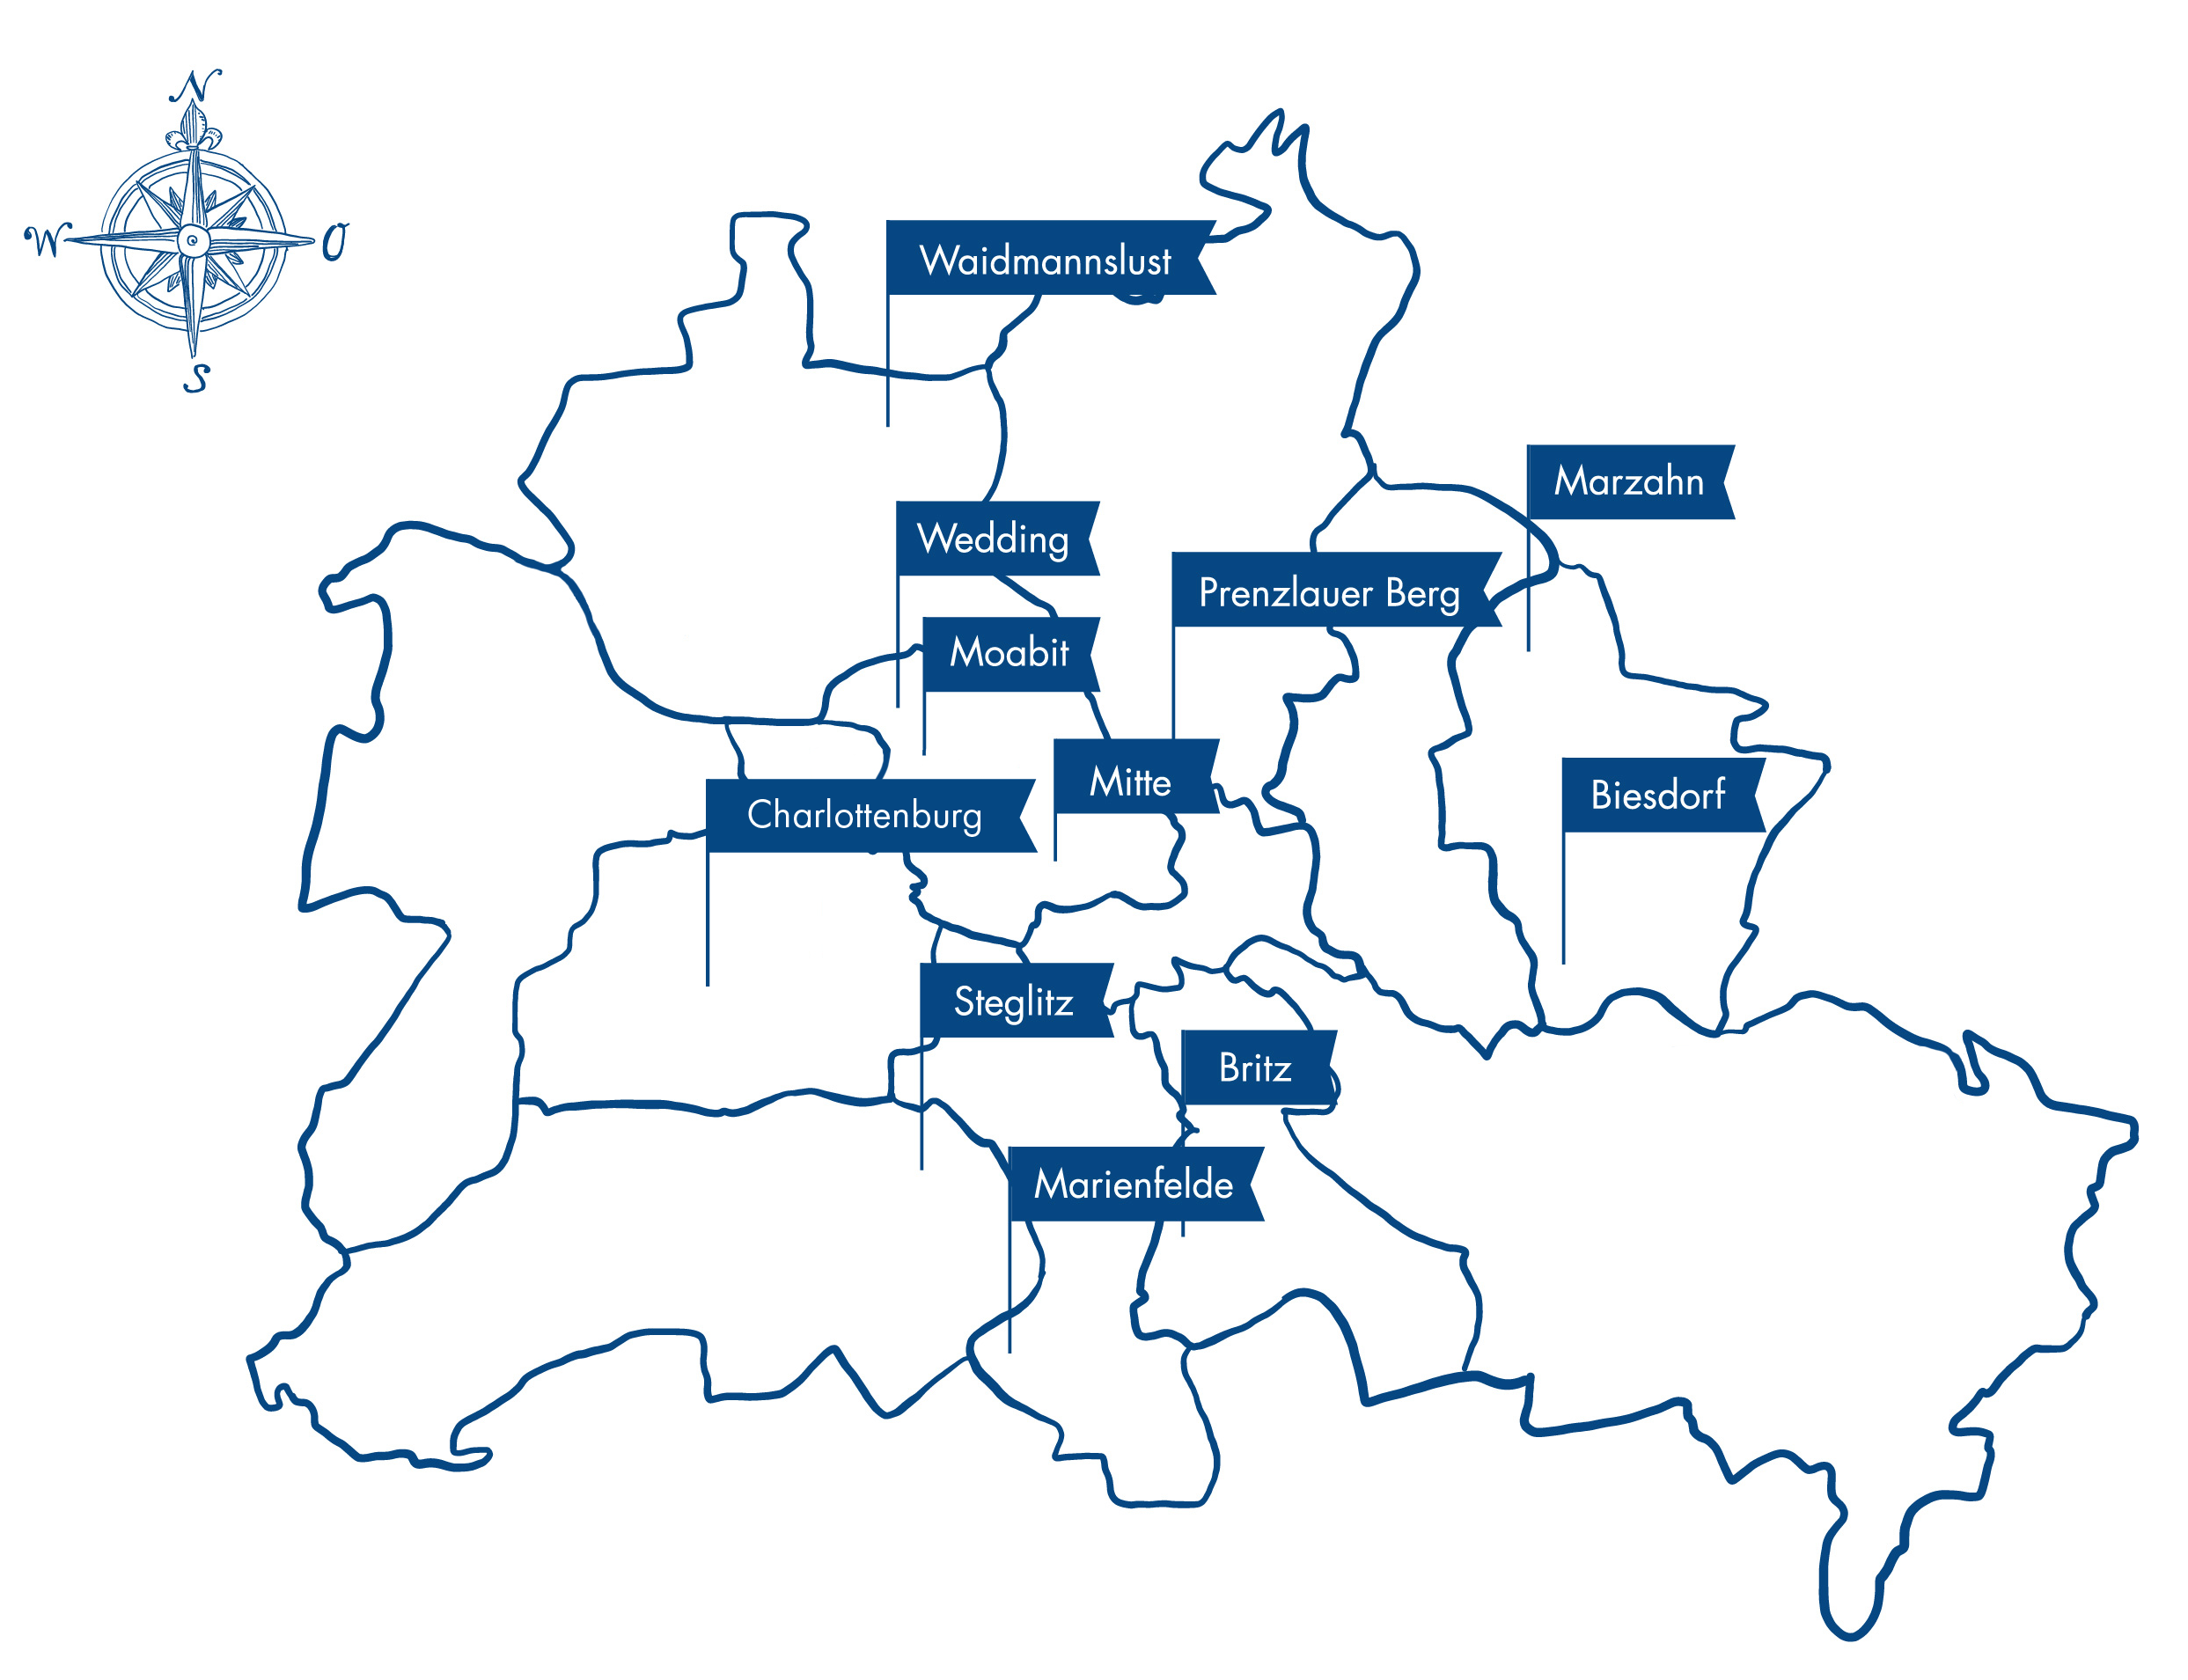 gezeichnete Karte von Berlin mit den Therapielotsenstationen